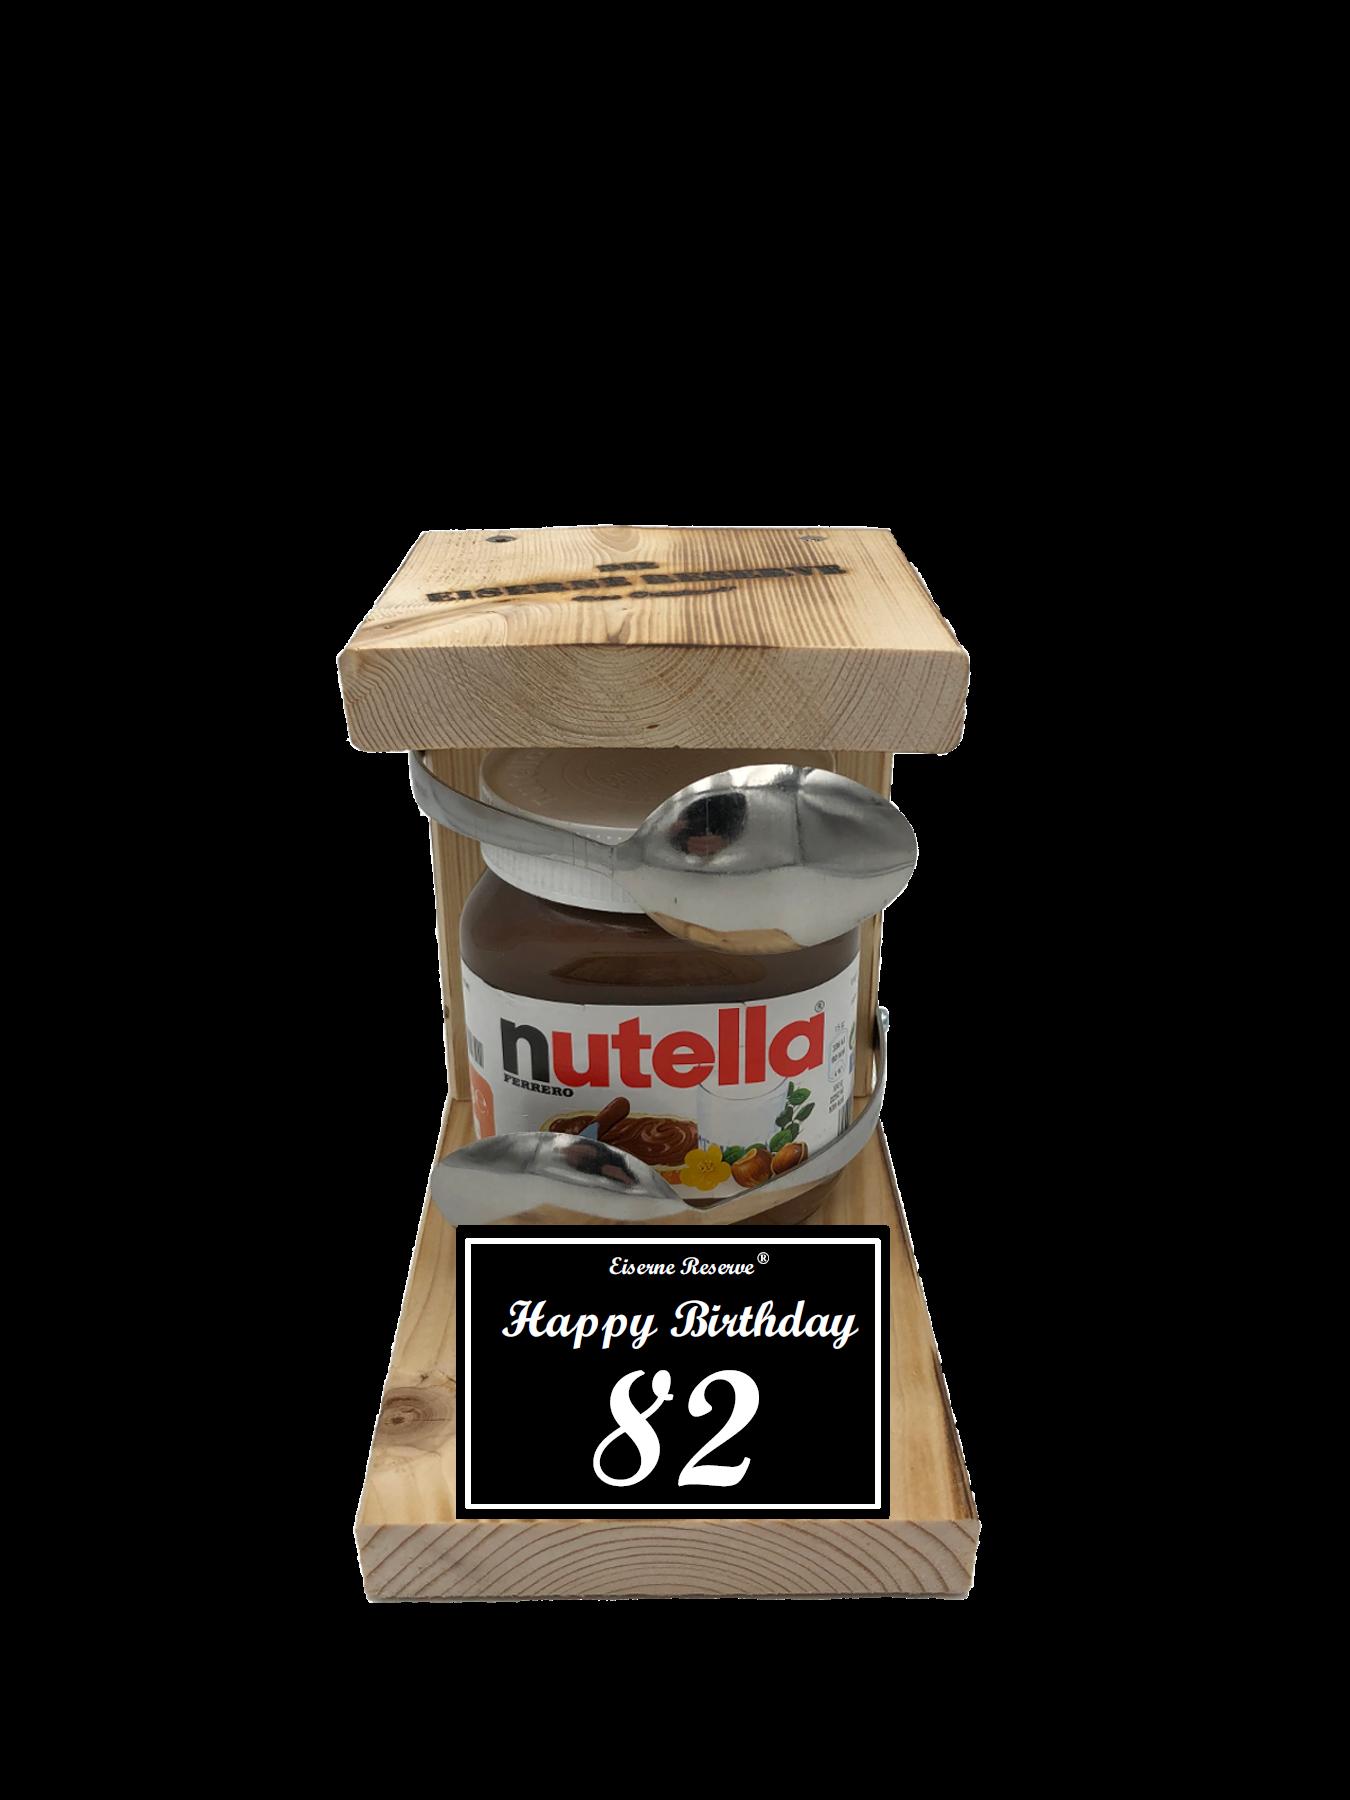 82 Happy Birthday Löffel Nutella Geschenk - Die Nutella Geschenkidee